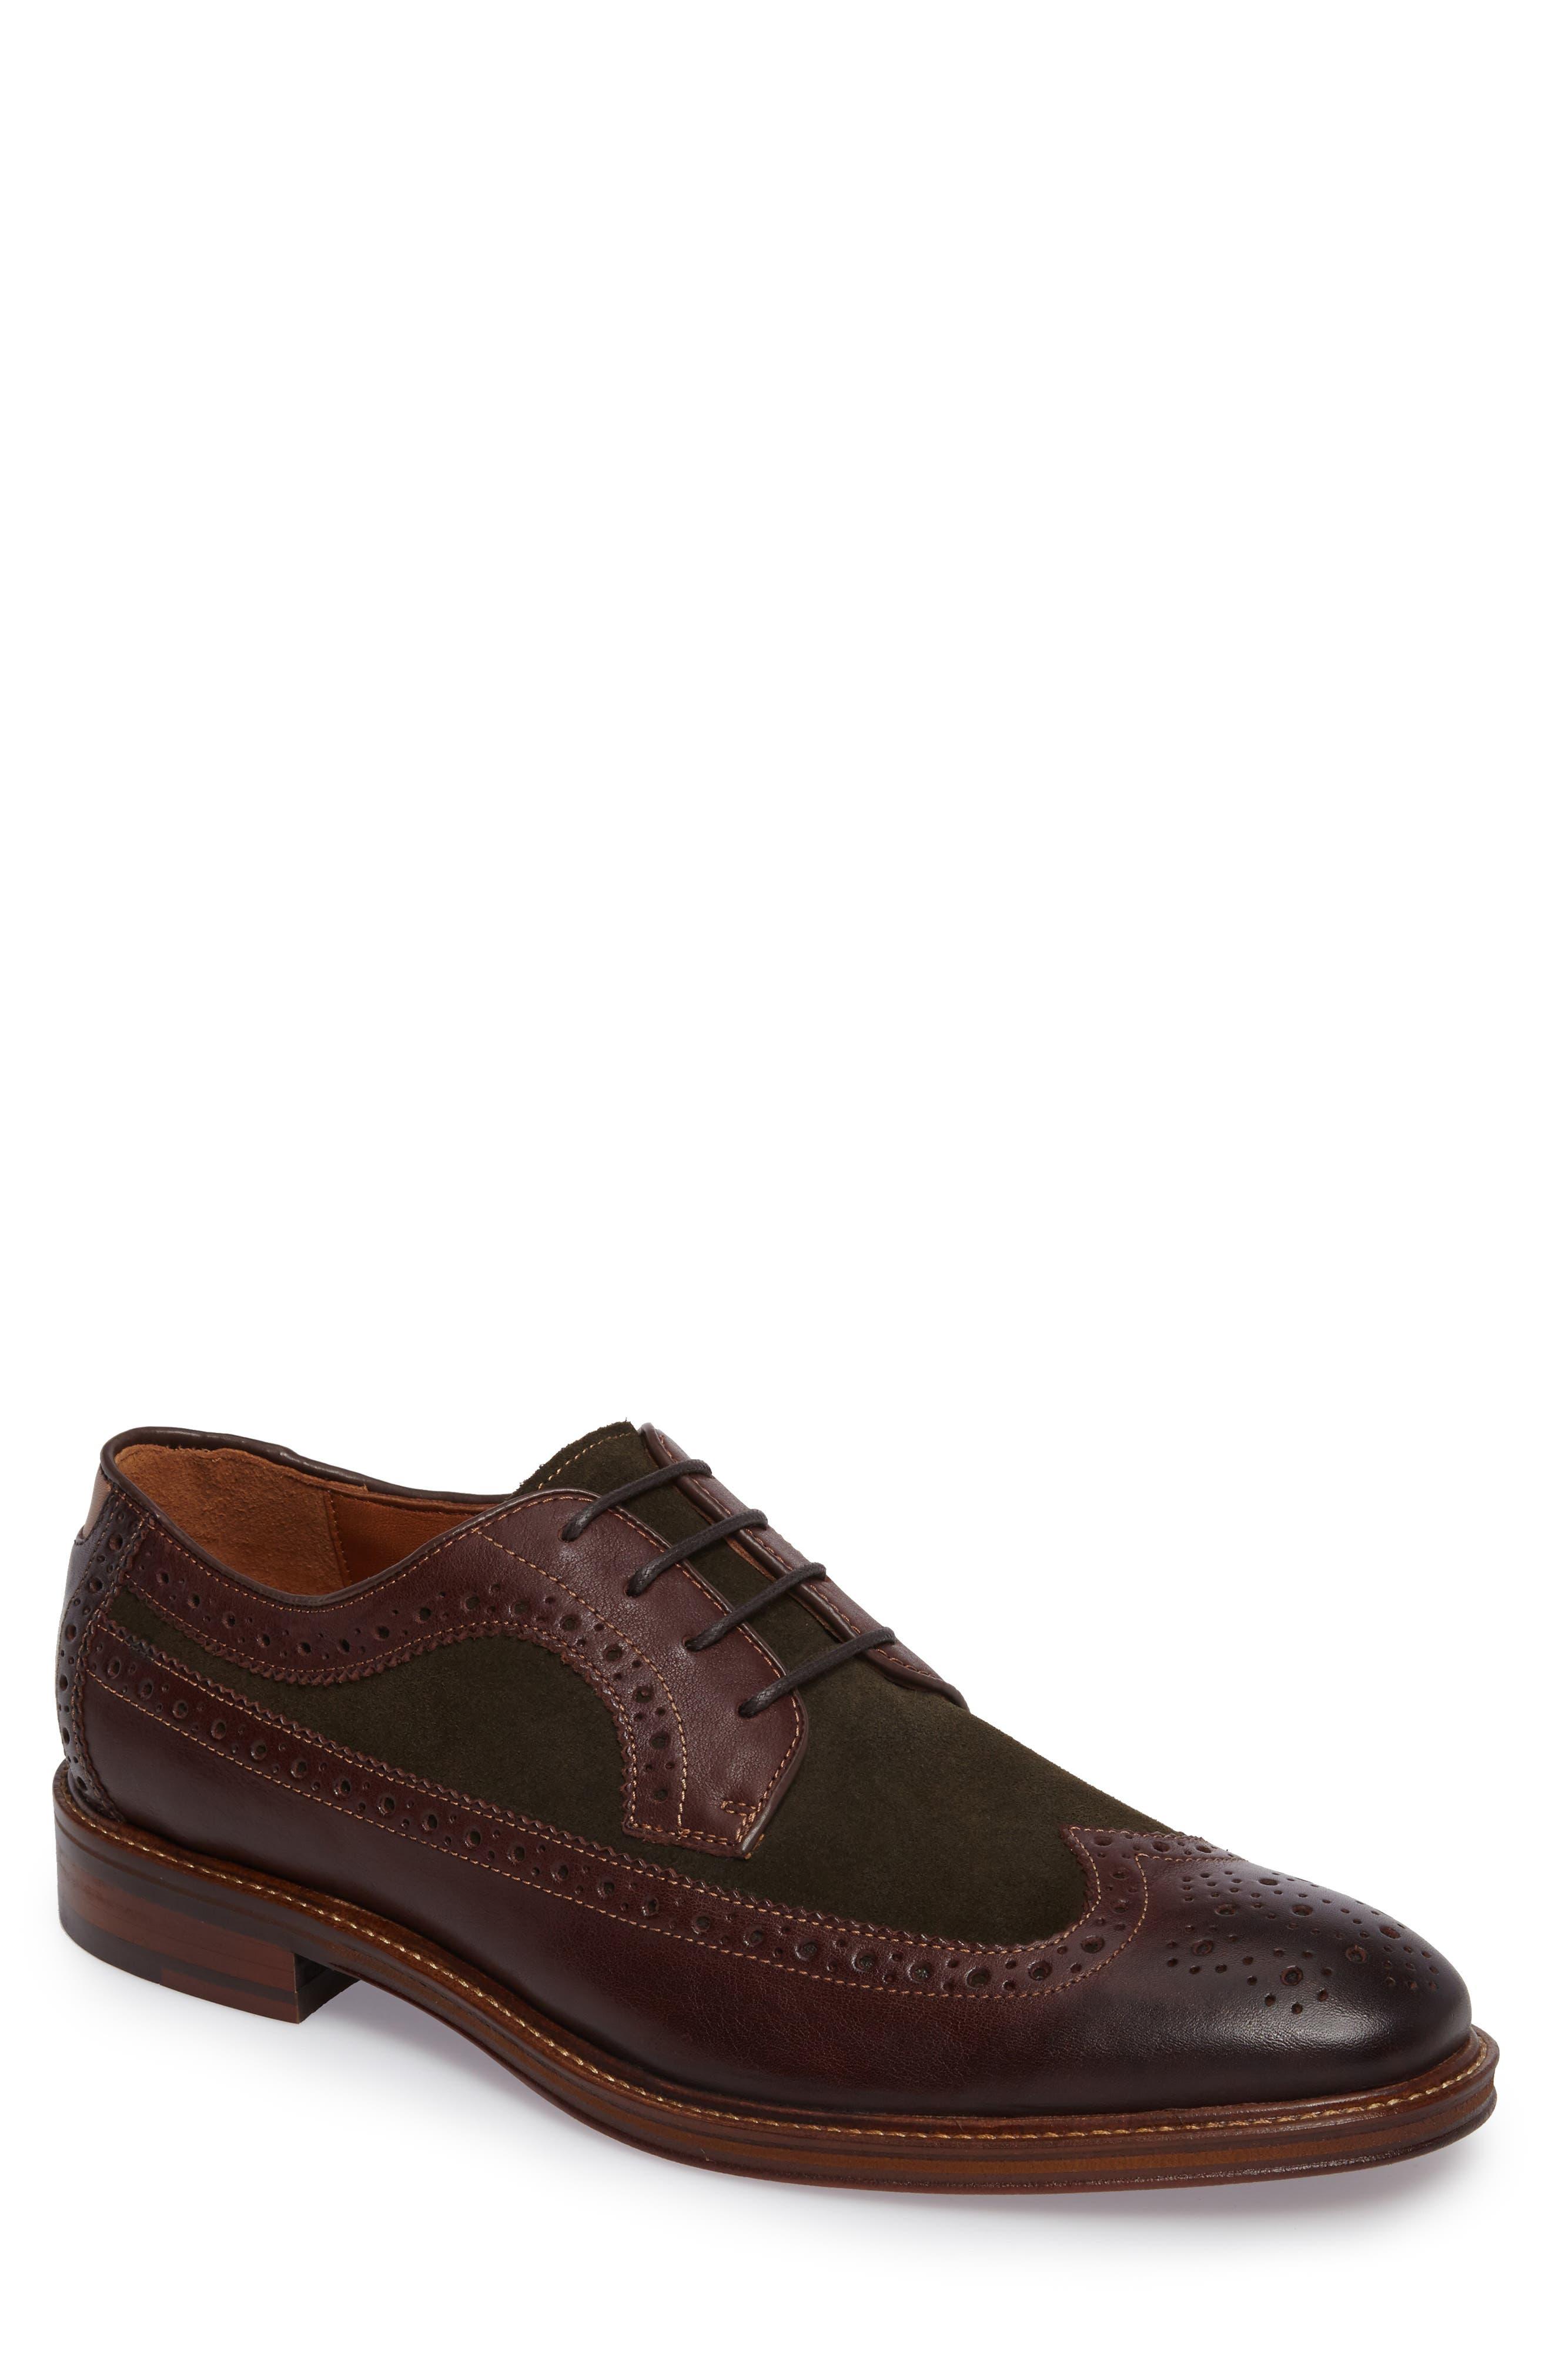 Warner Spectator Shoe,                         Main,                         color,